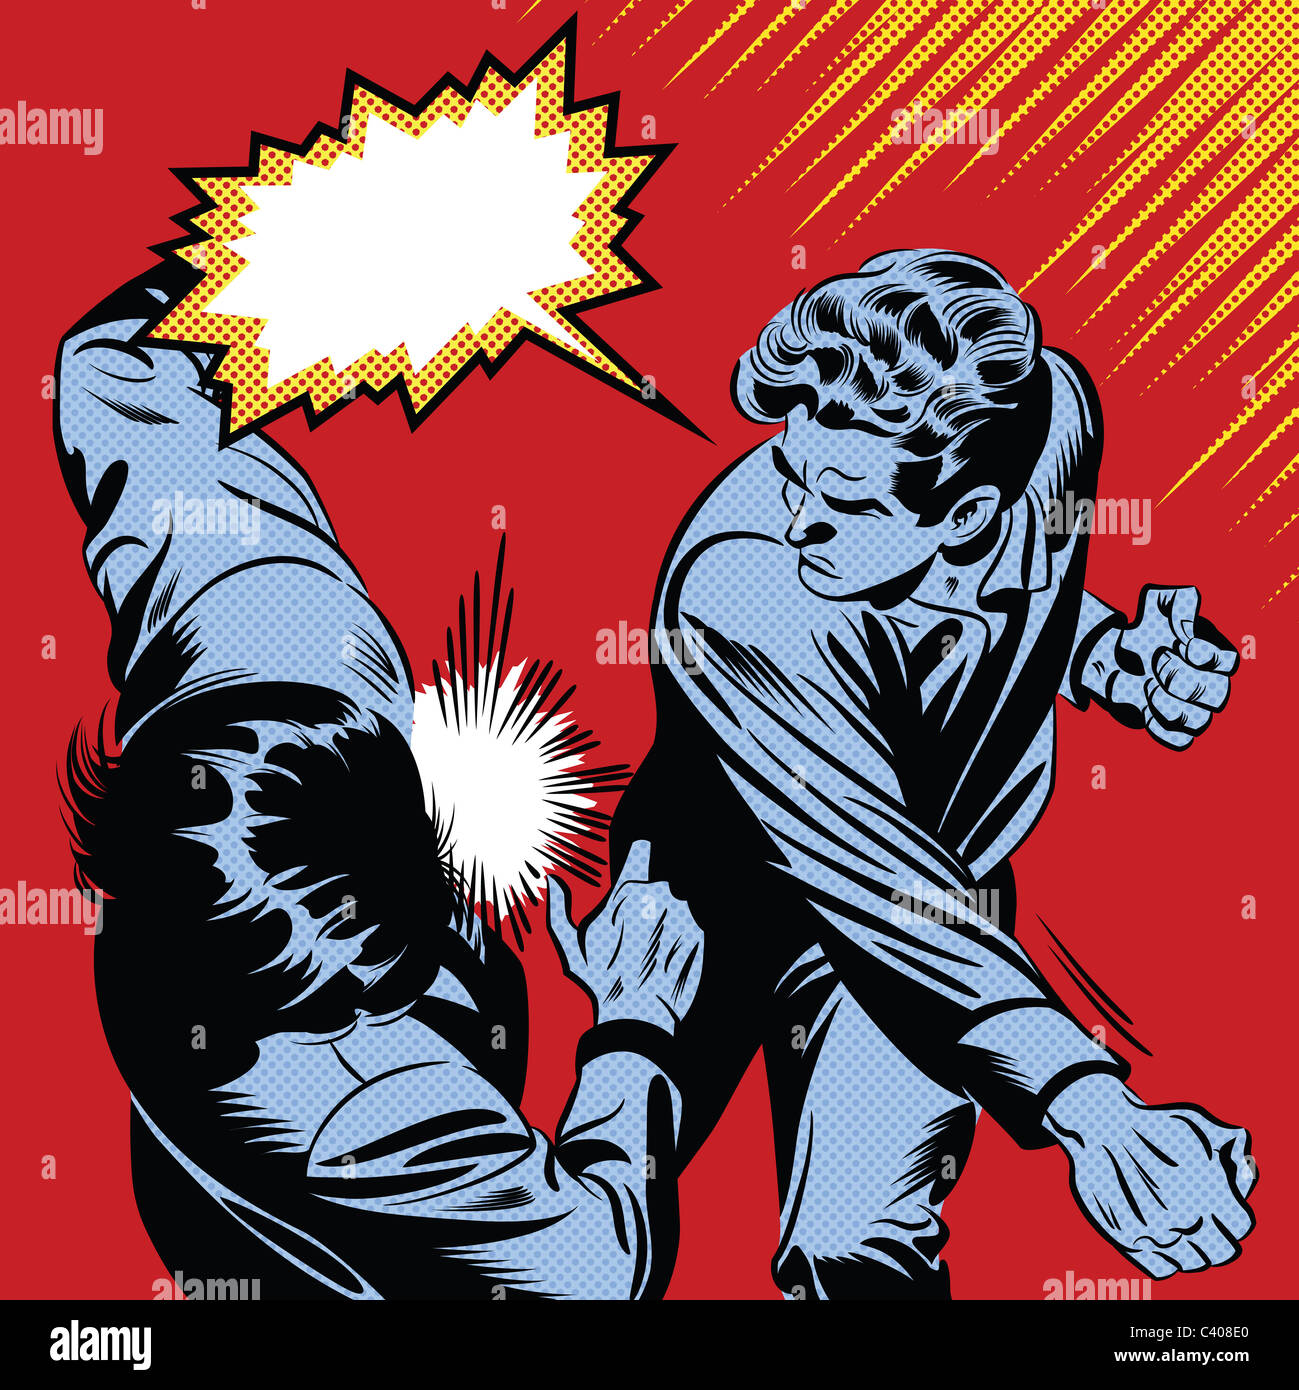 Ein Retro-Comic-Stil-Abbildung eines Mannes Stanzen einer person Stockbild